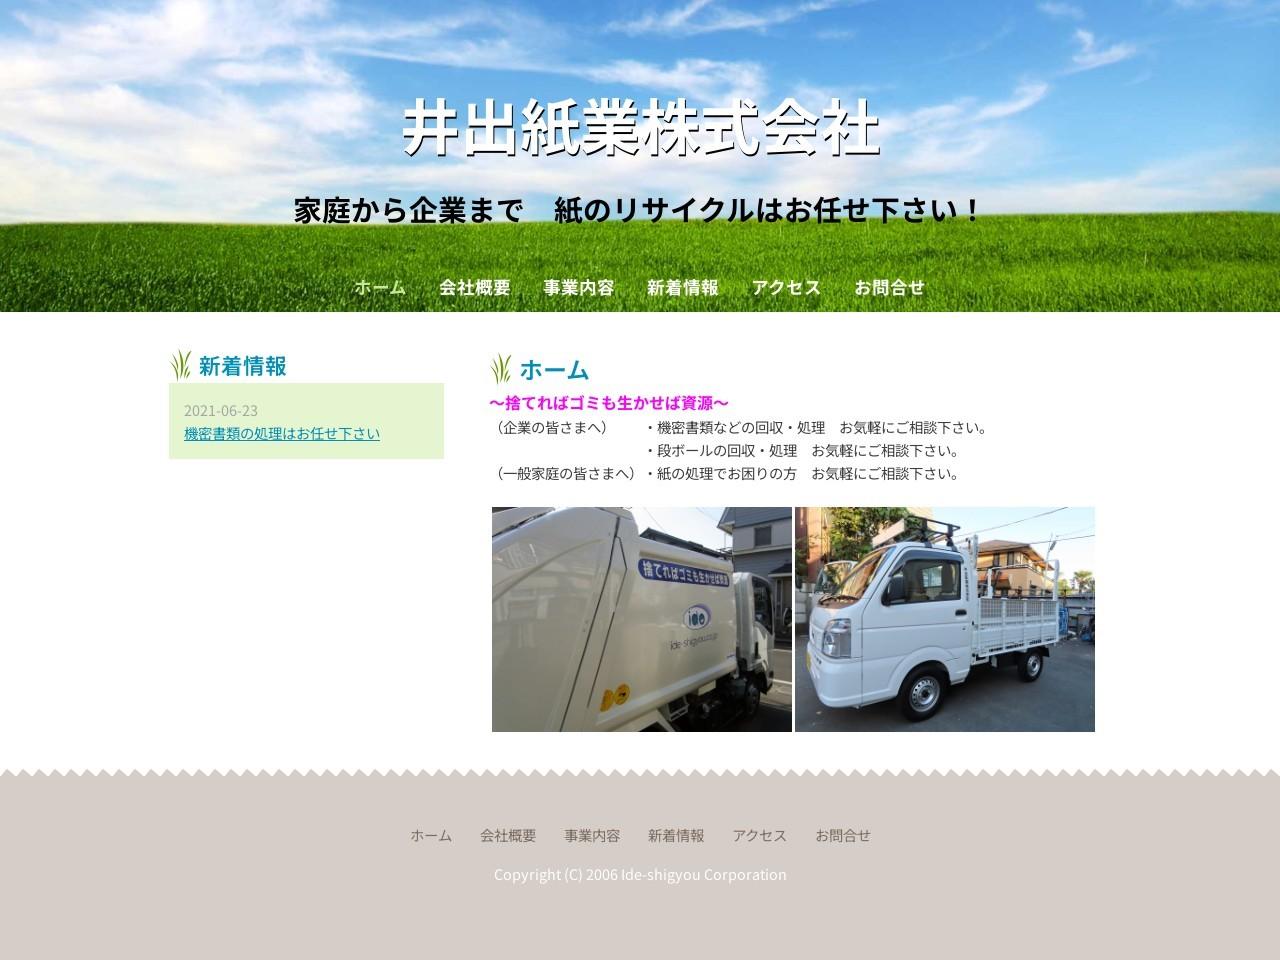 井出紙業株式会社